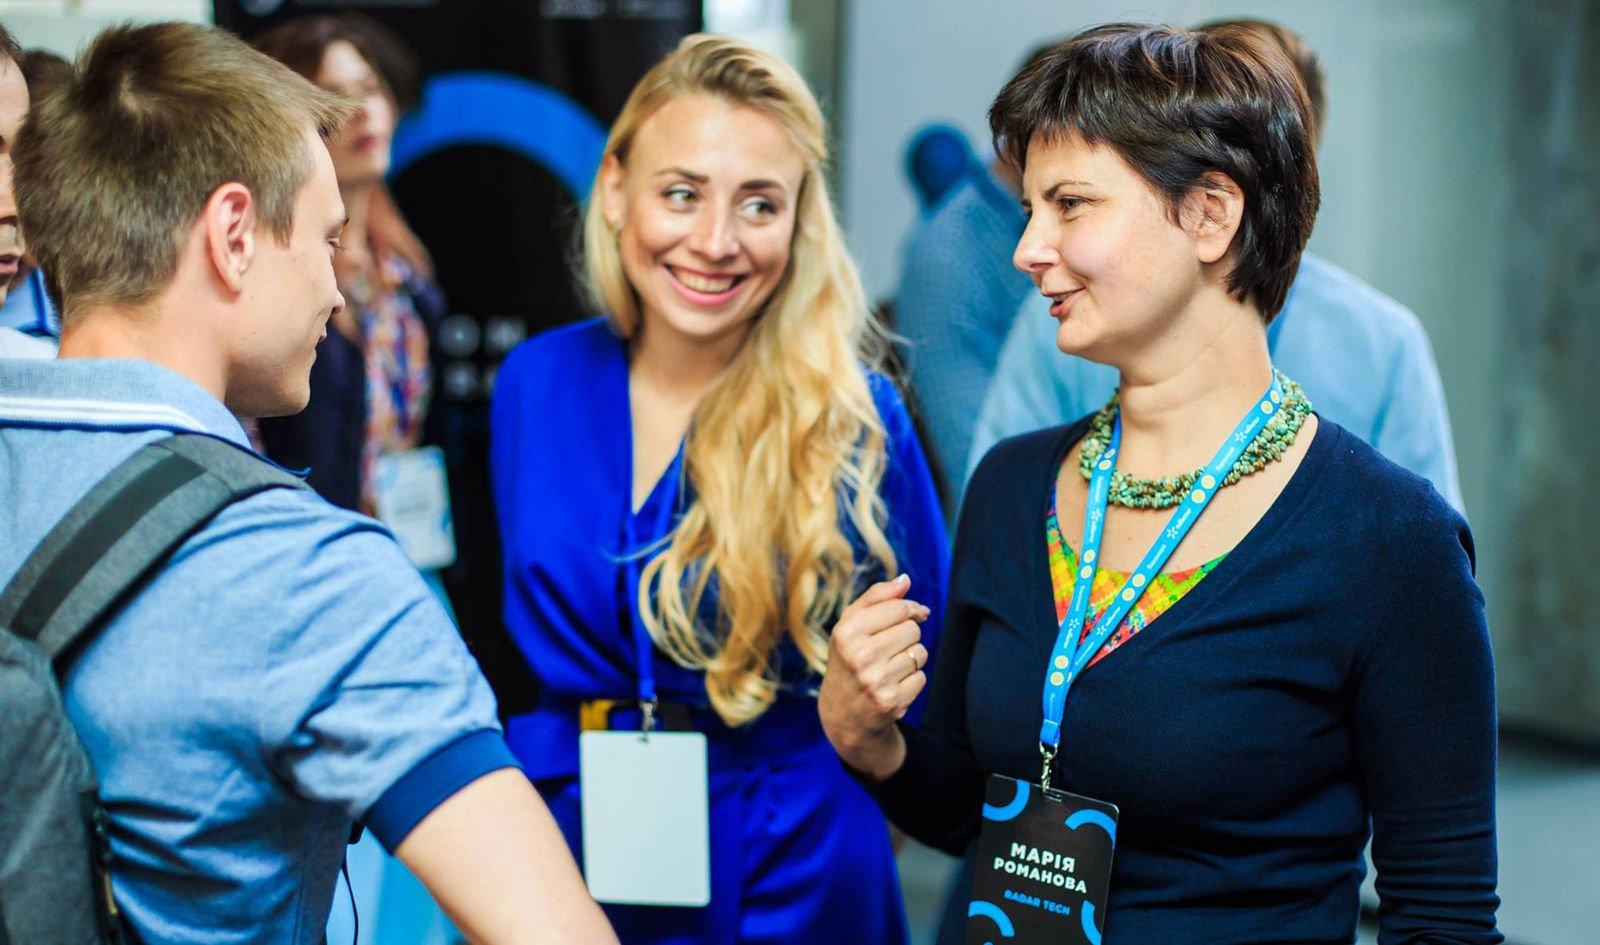 Екскурсовод у смартфоні. Як легко спланувати подорож Україною, автор Анджела Затаверн | Kyivstar Business Hub, зображення №3